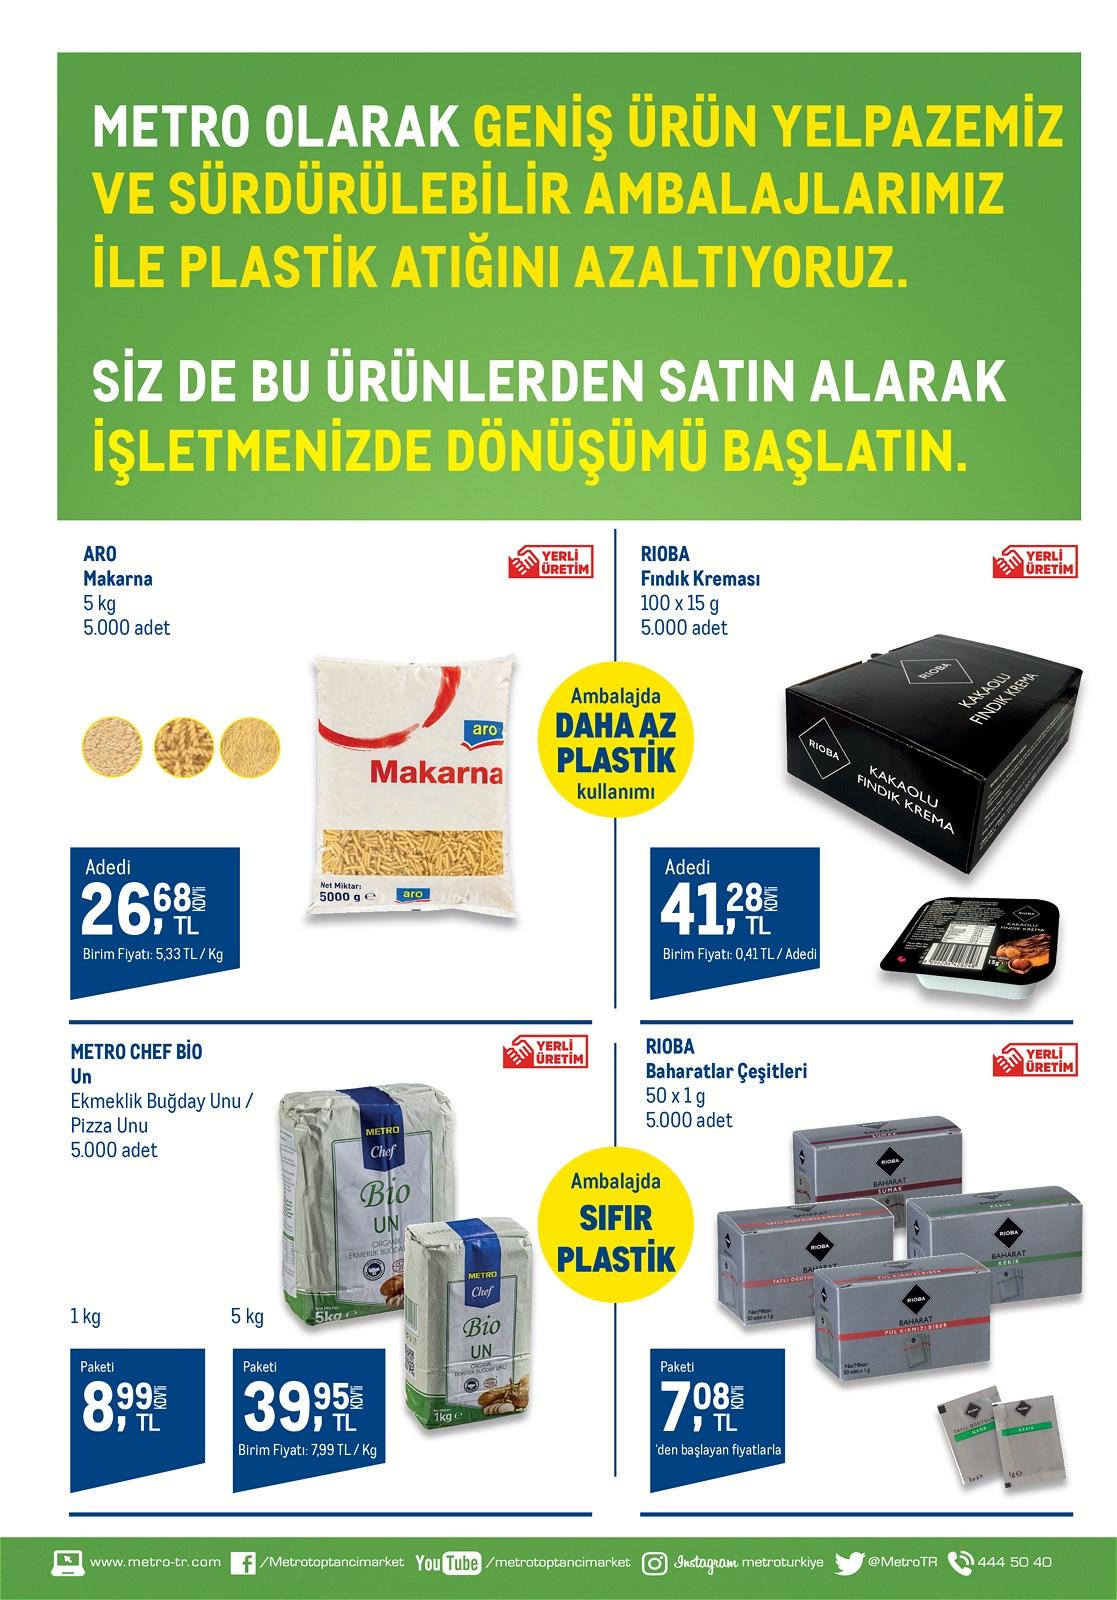 01.10.2021 Metro broşürü 2. sayfa